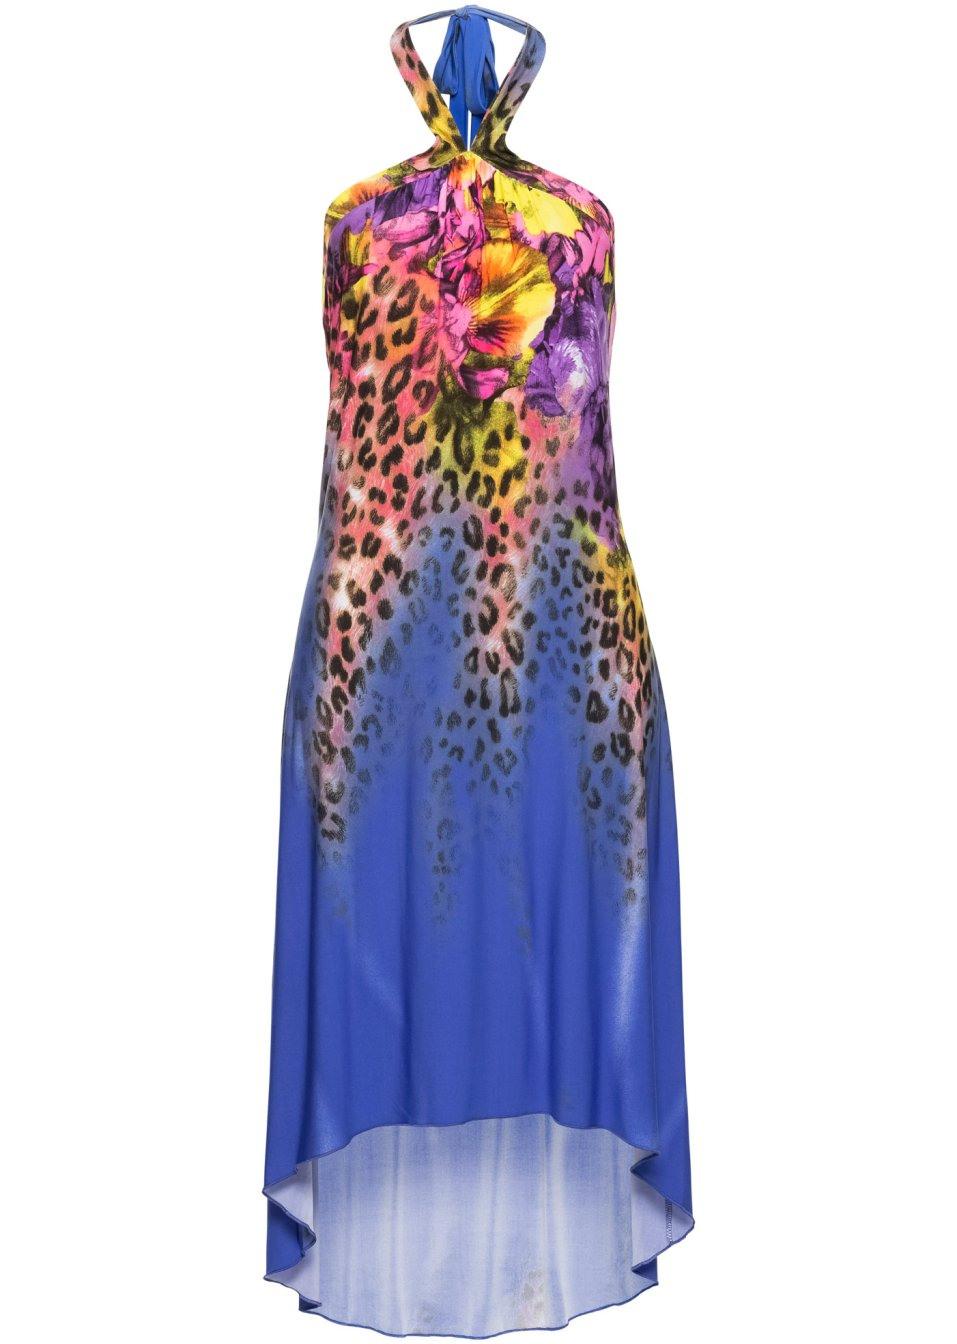 Formal Erstaunlich Kleid Gelb Blau BoutiqueFormal Spektakulär Kleid Gelb Blau Ärmel